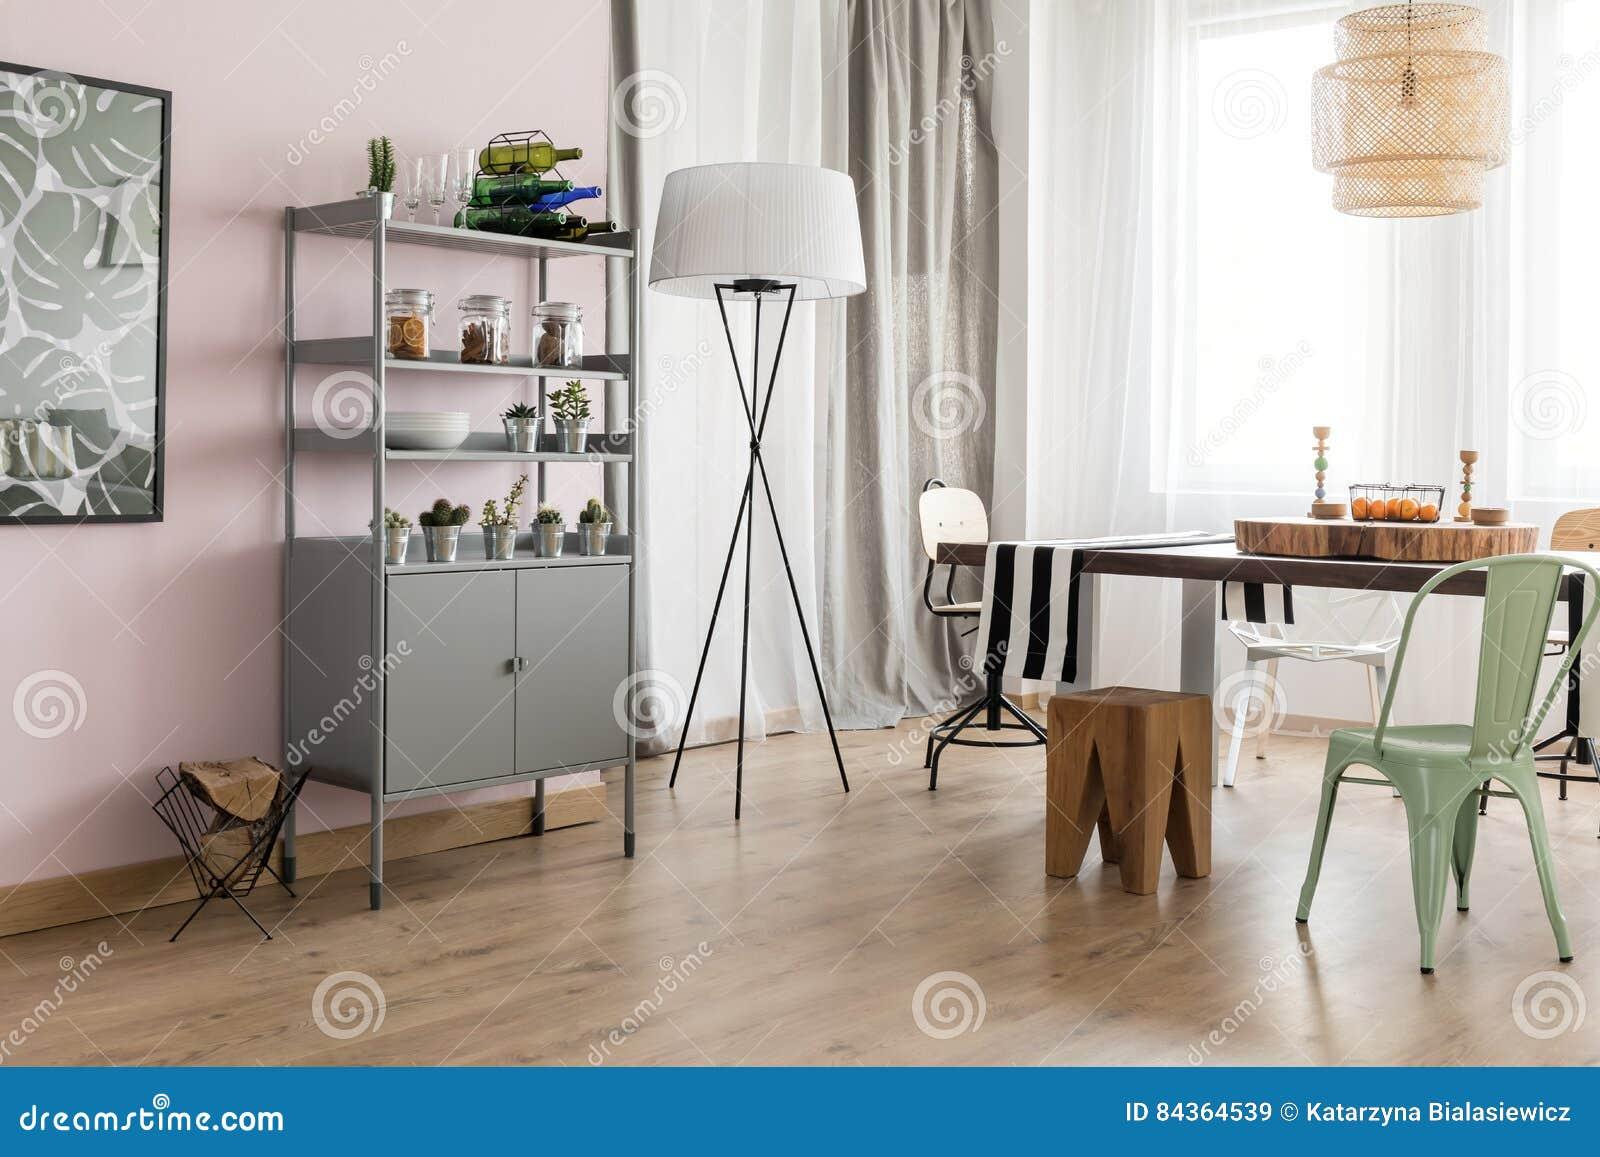 Eetkamer met modern ontwerp